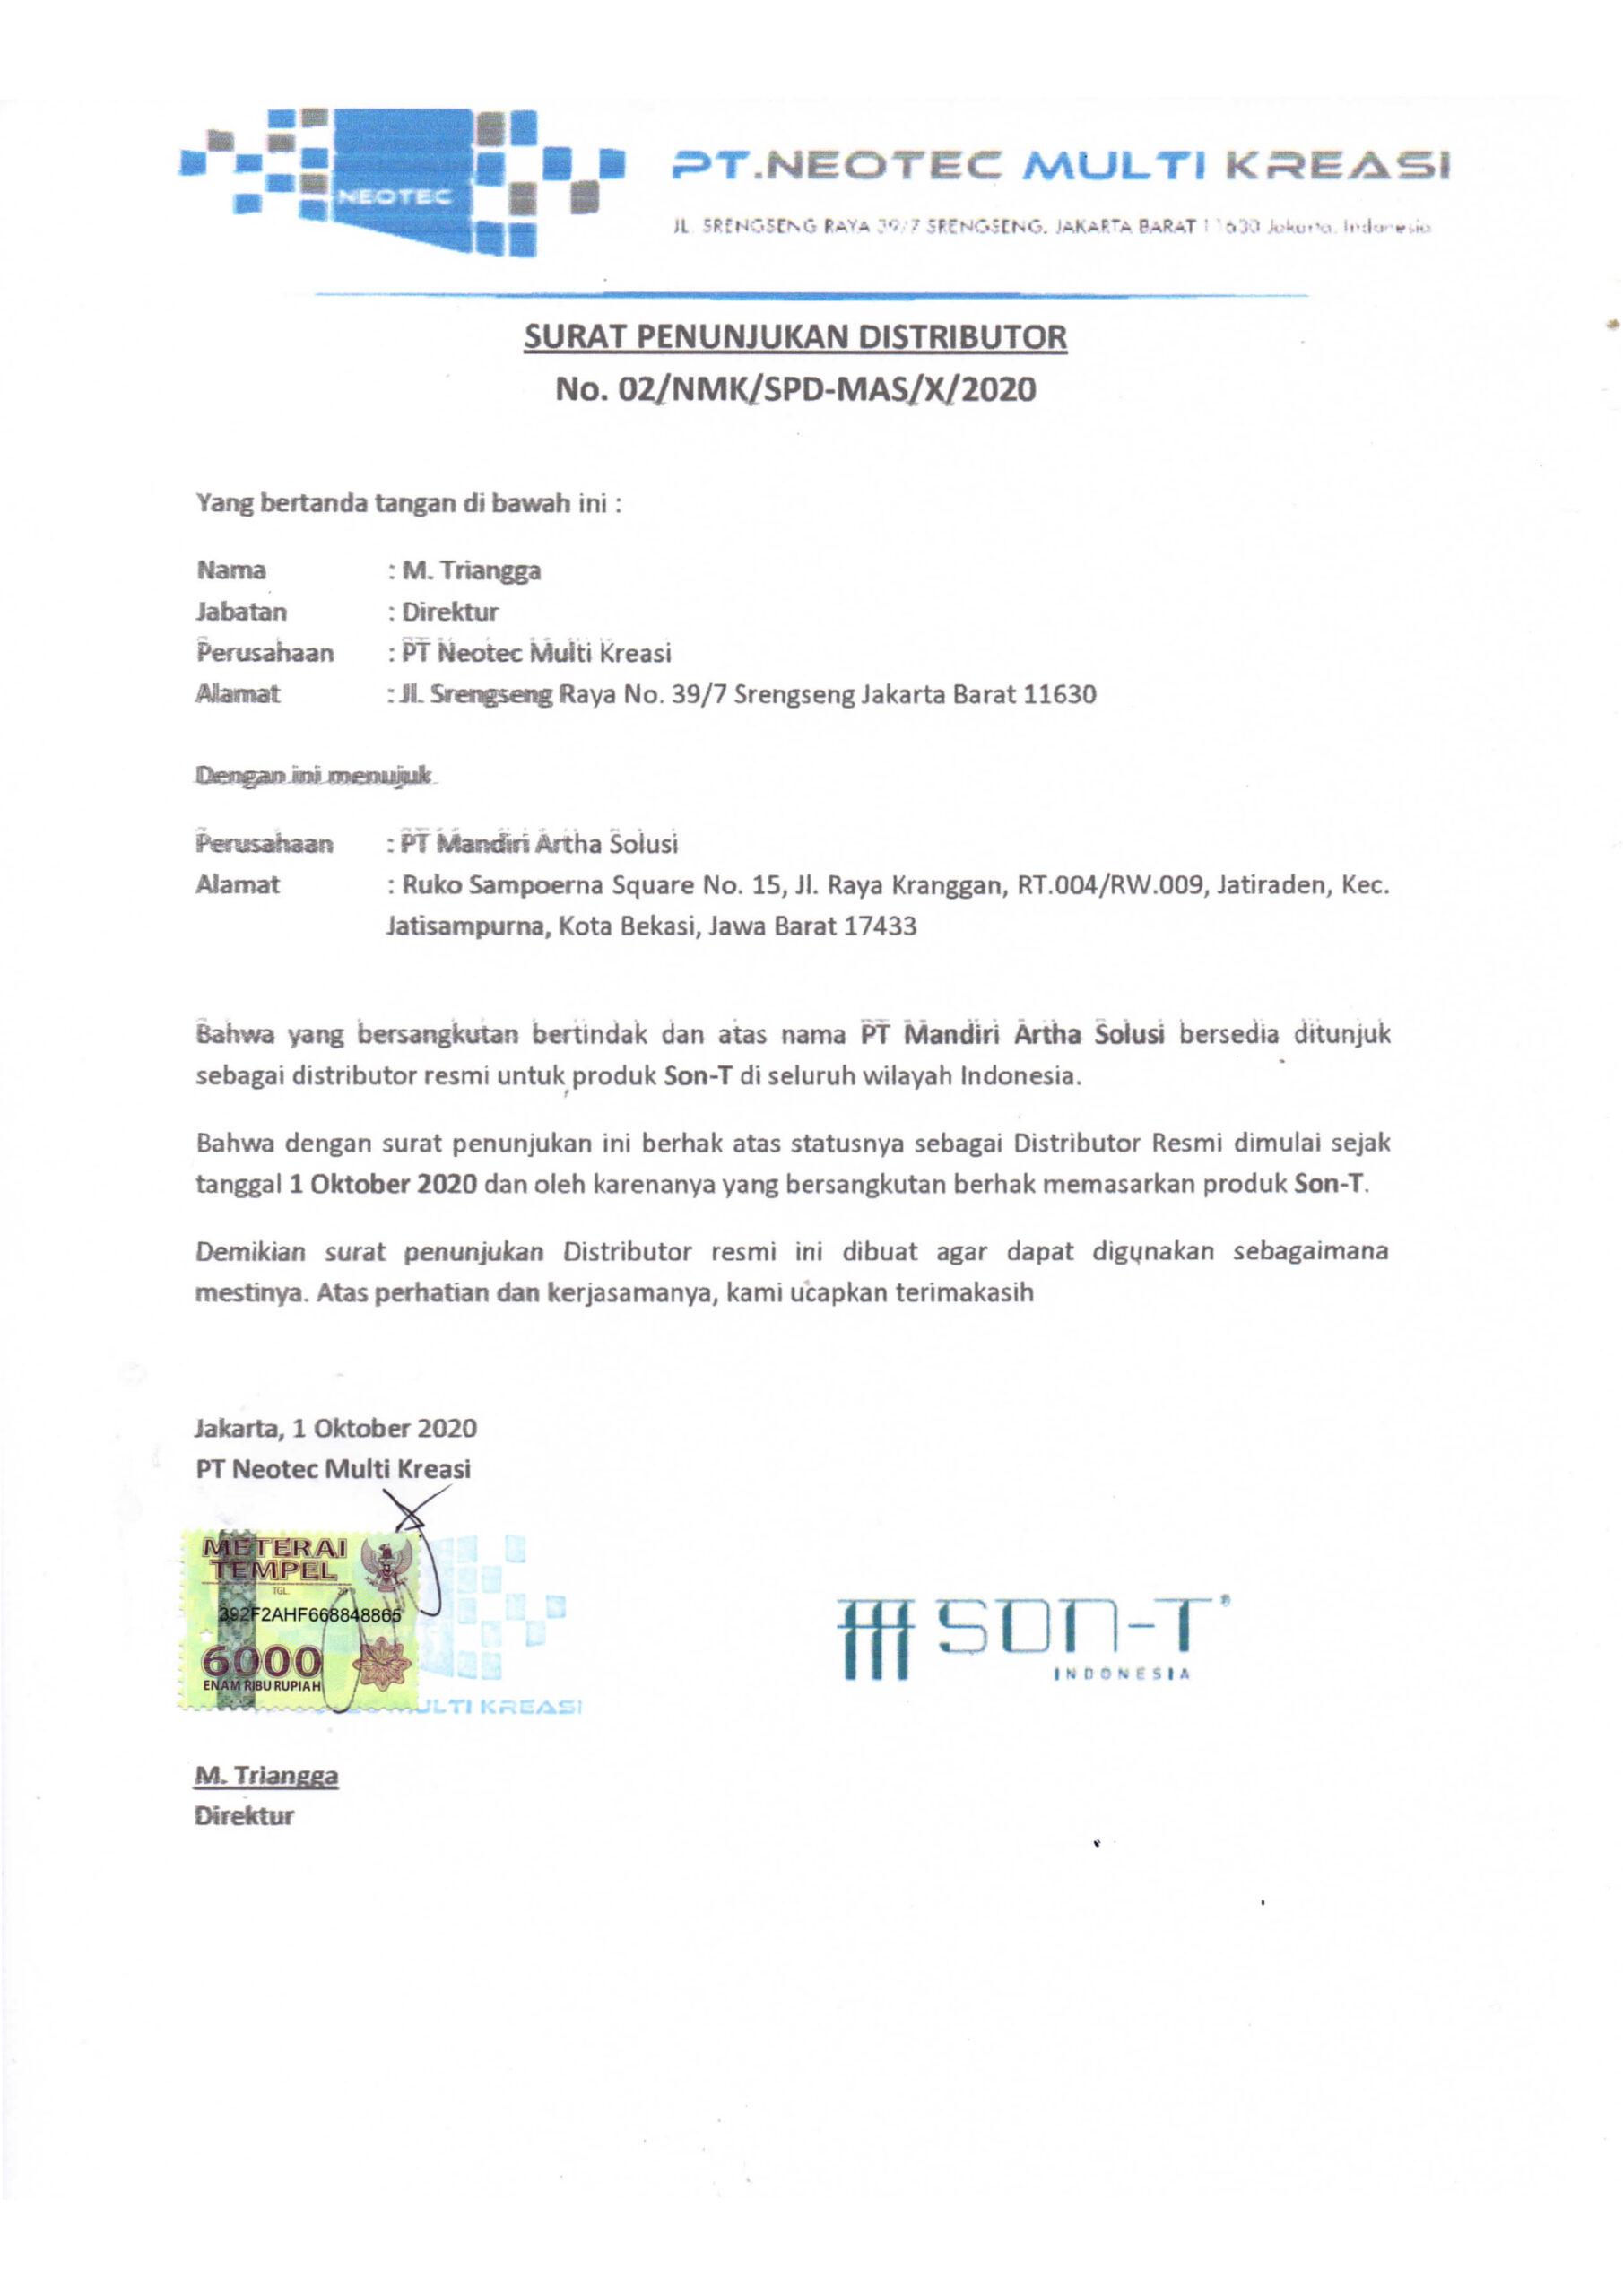 Surat Keterangan Distributor SON-T